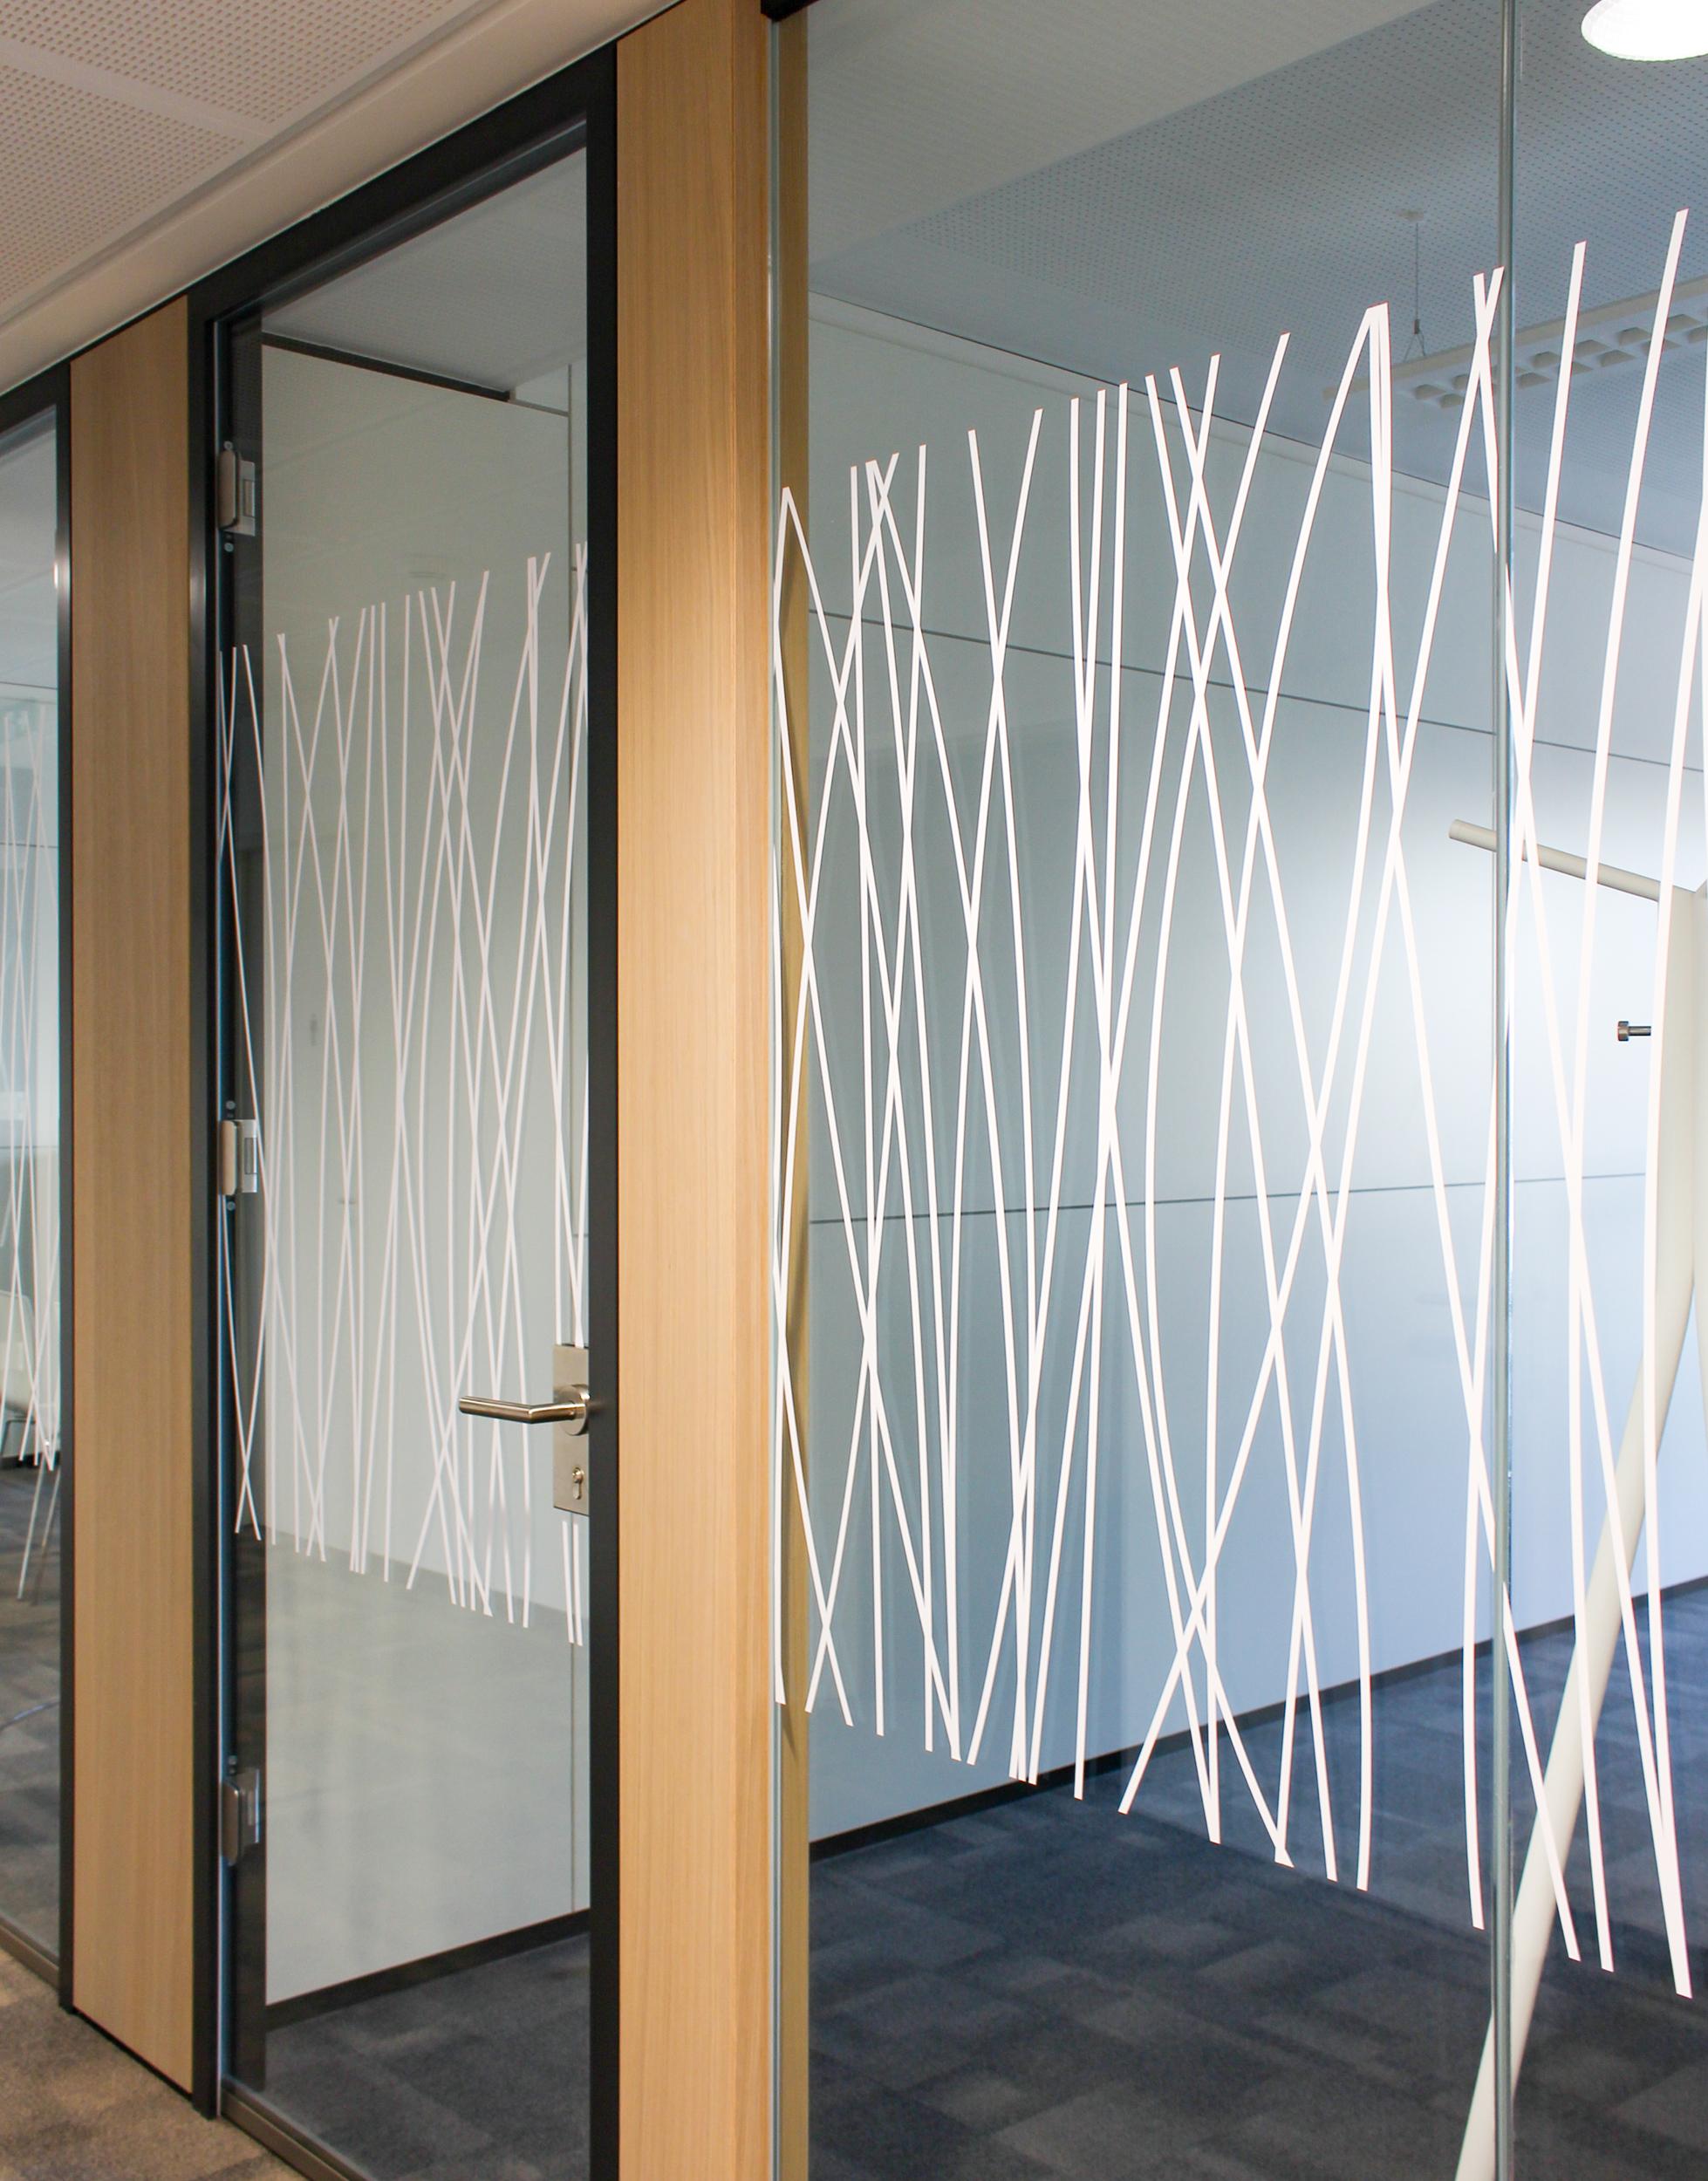 Bürogestaltung für CREE by Rhomberg Bau von der Designagentur look! design